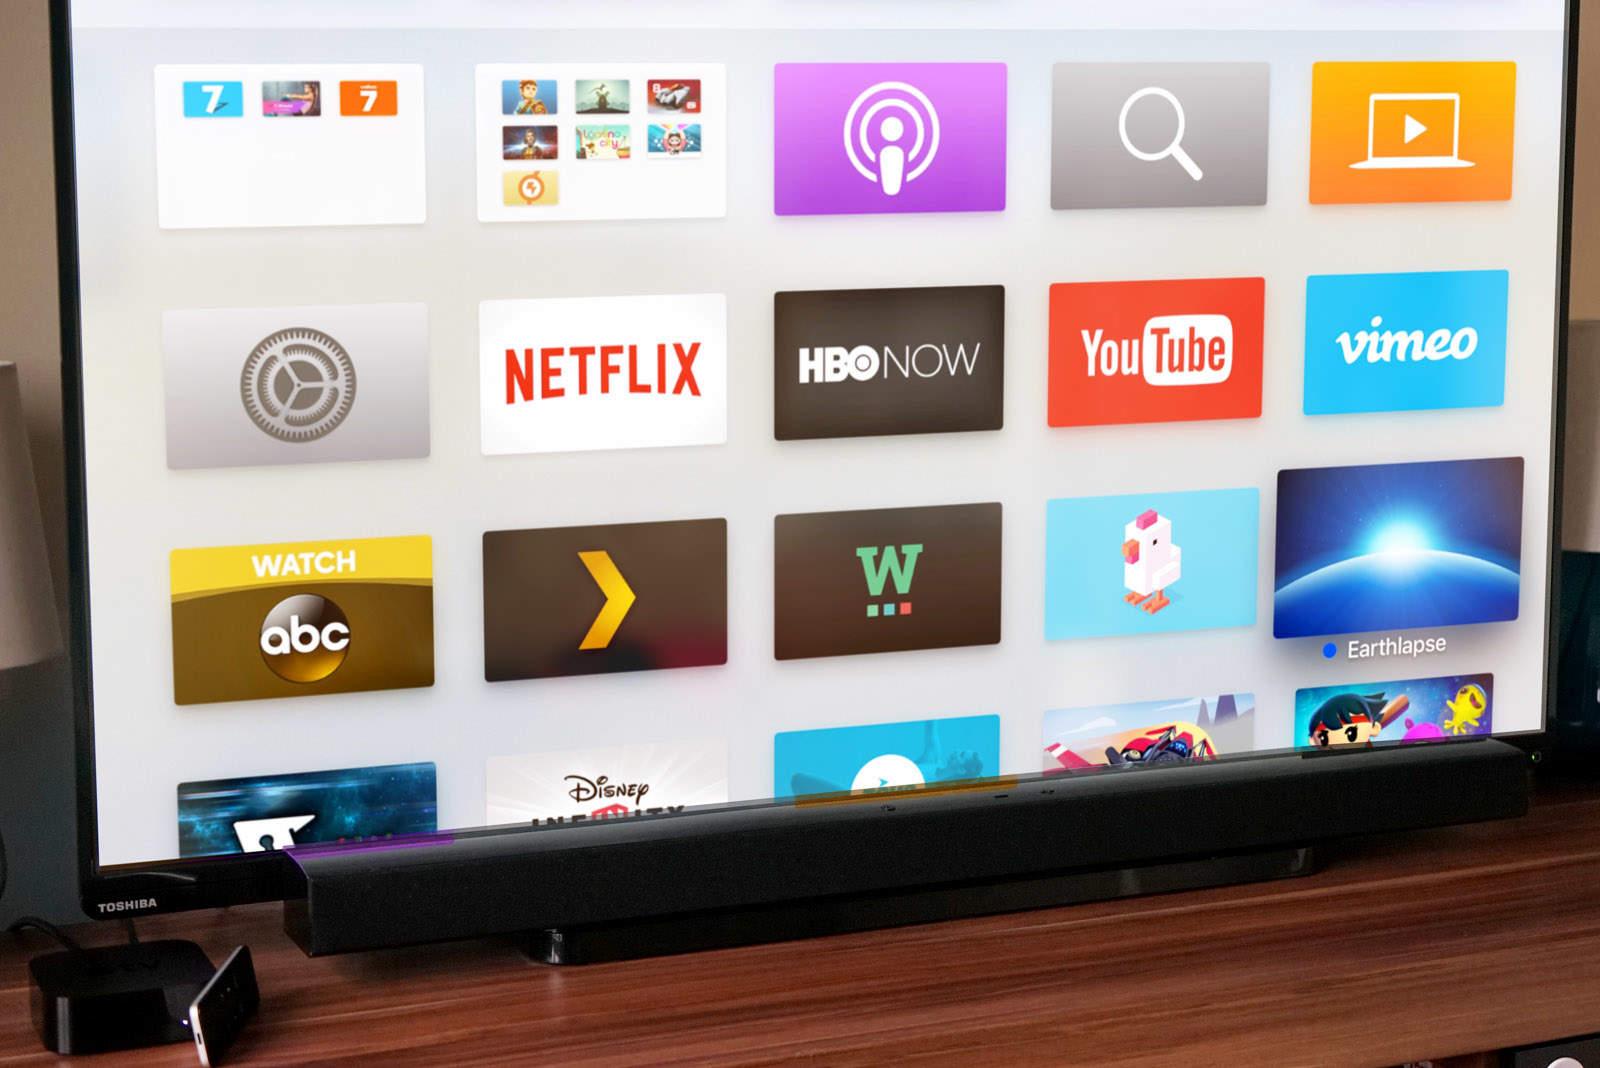 Sådan organiserer du din Apple Tv med mapper Cult of Mac-1484